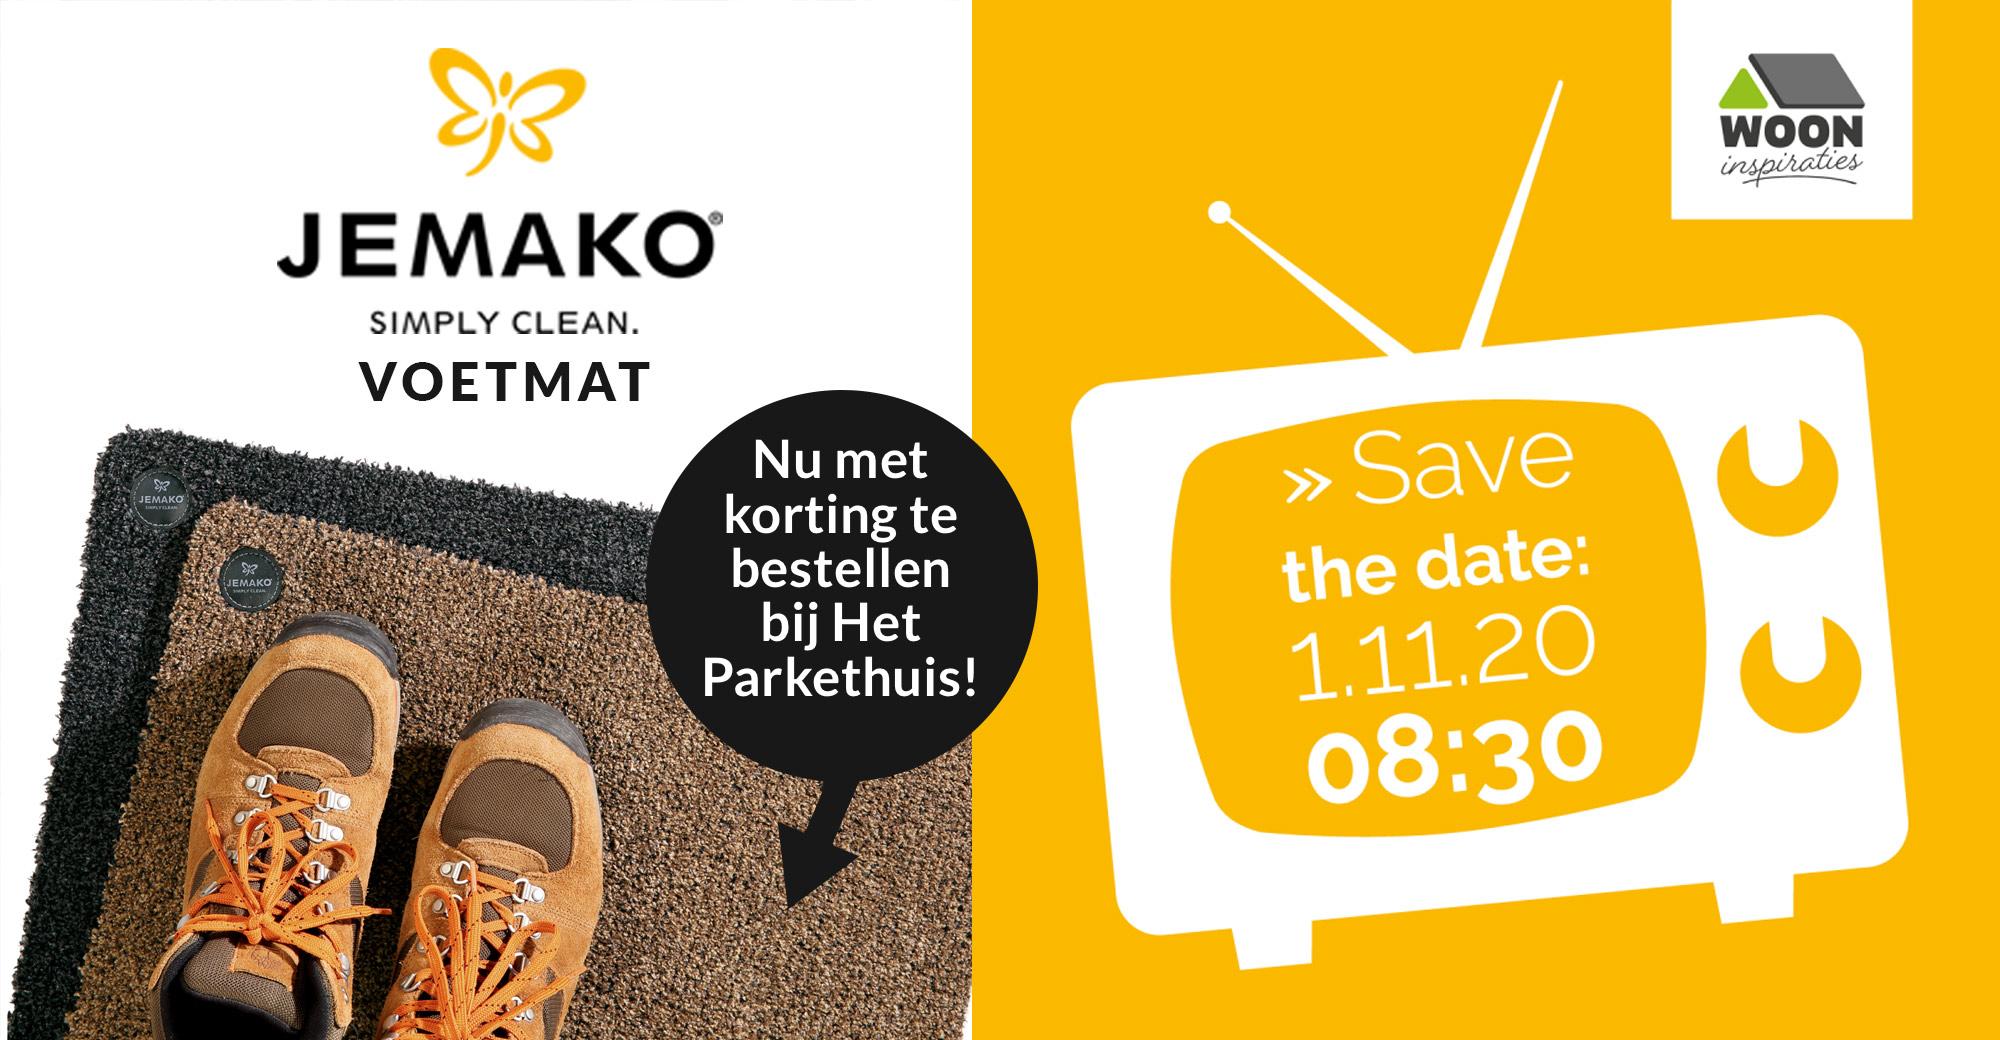 De voetmat van JEMAKO te zien bij het programma 'Wooninspiraties'